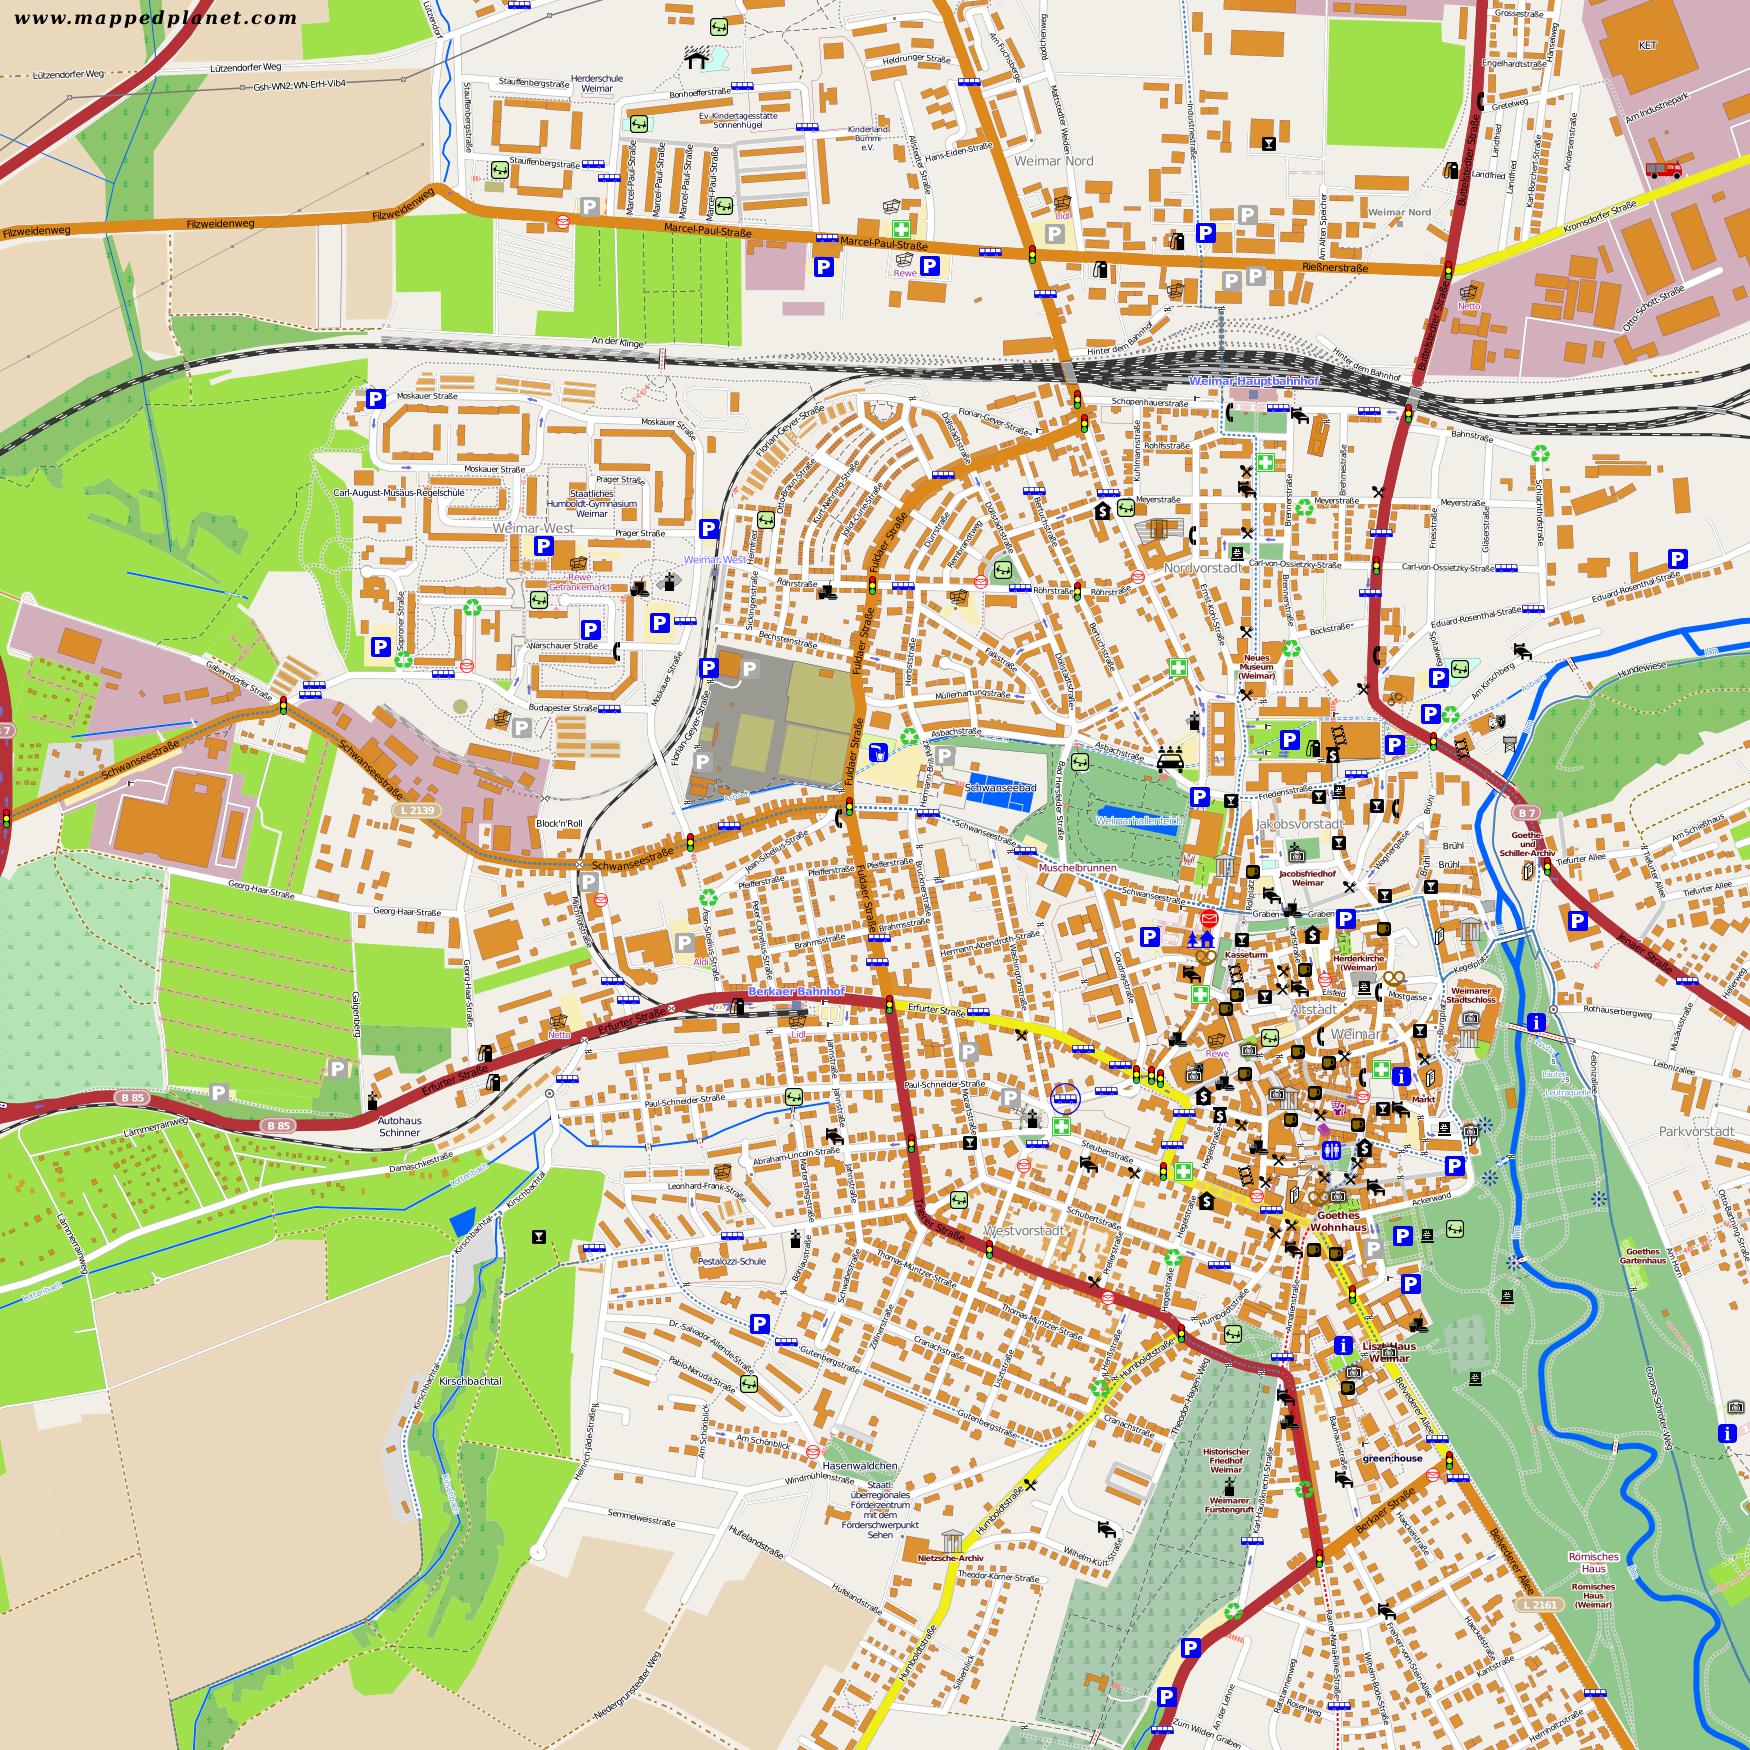 Stadtplan Weimar Pdf